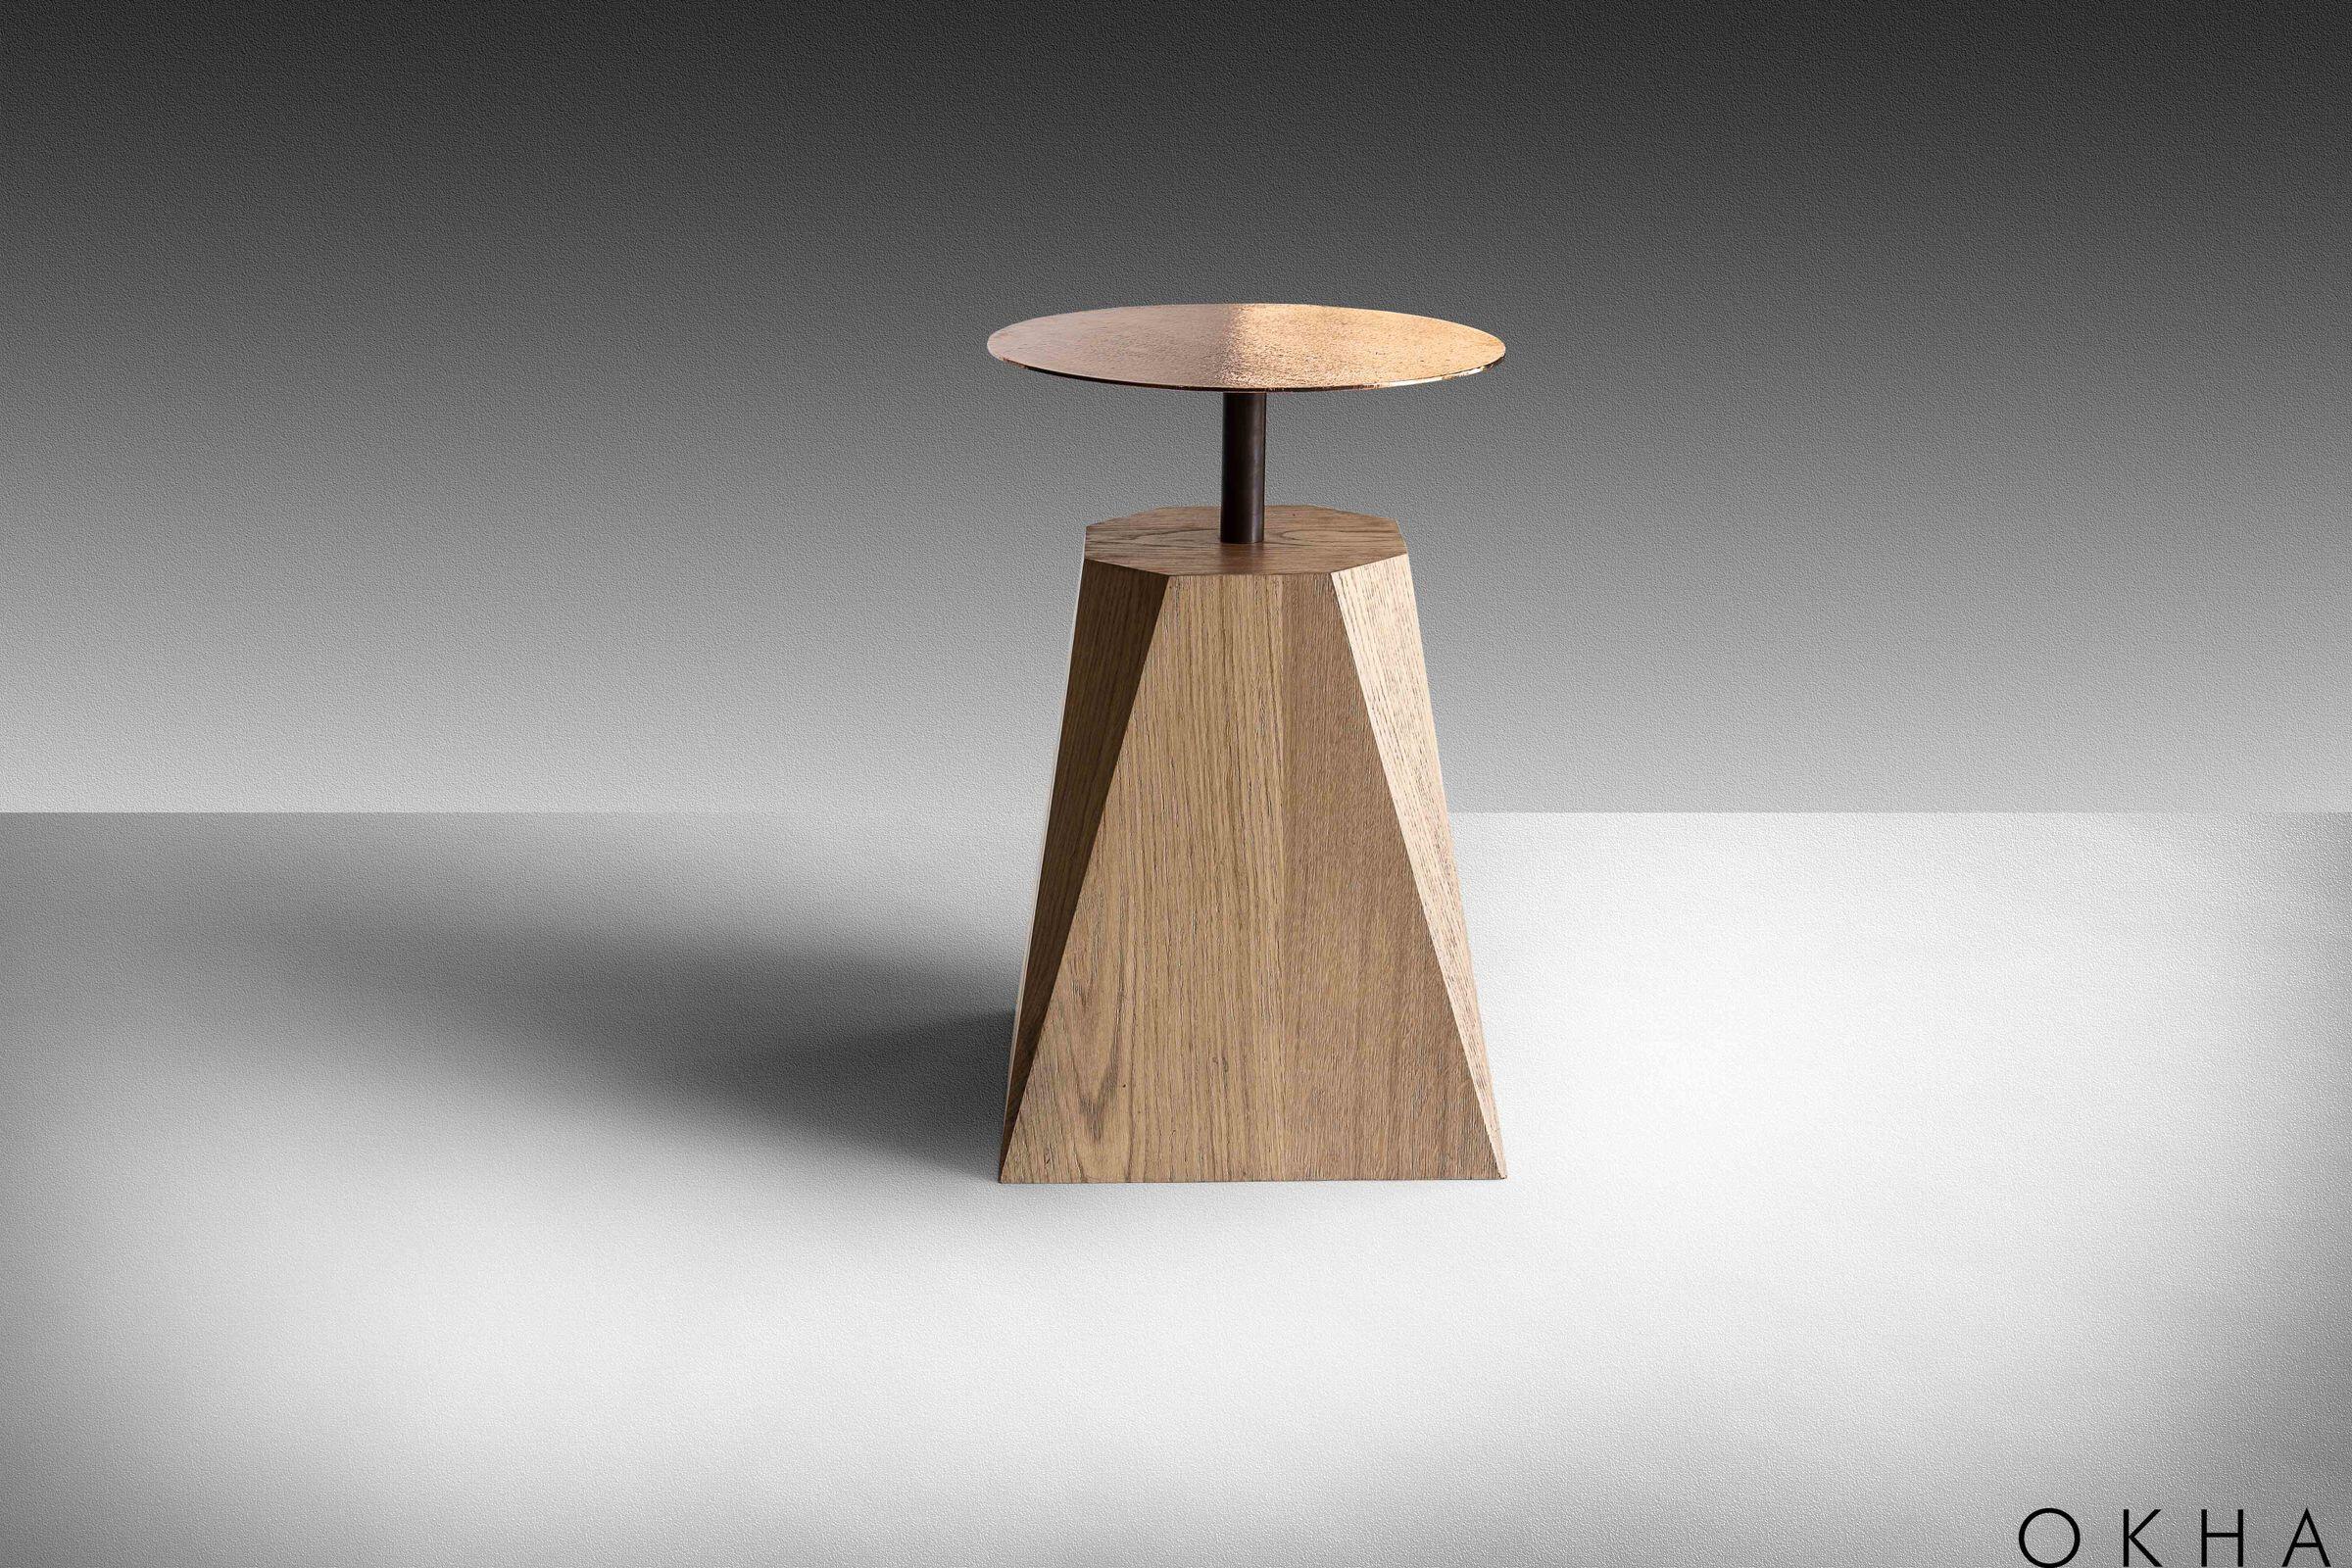 furniture archello rh archello com